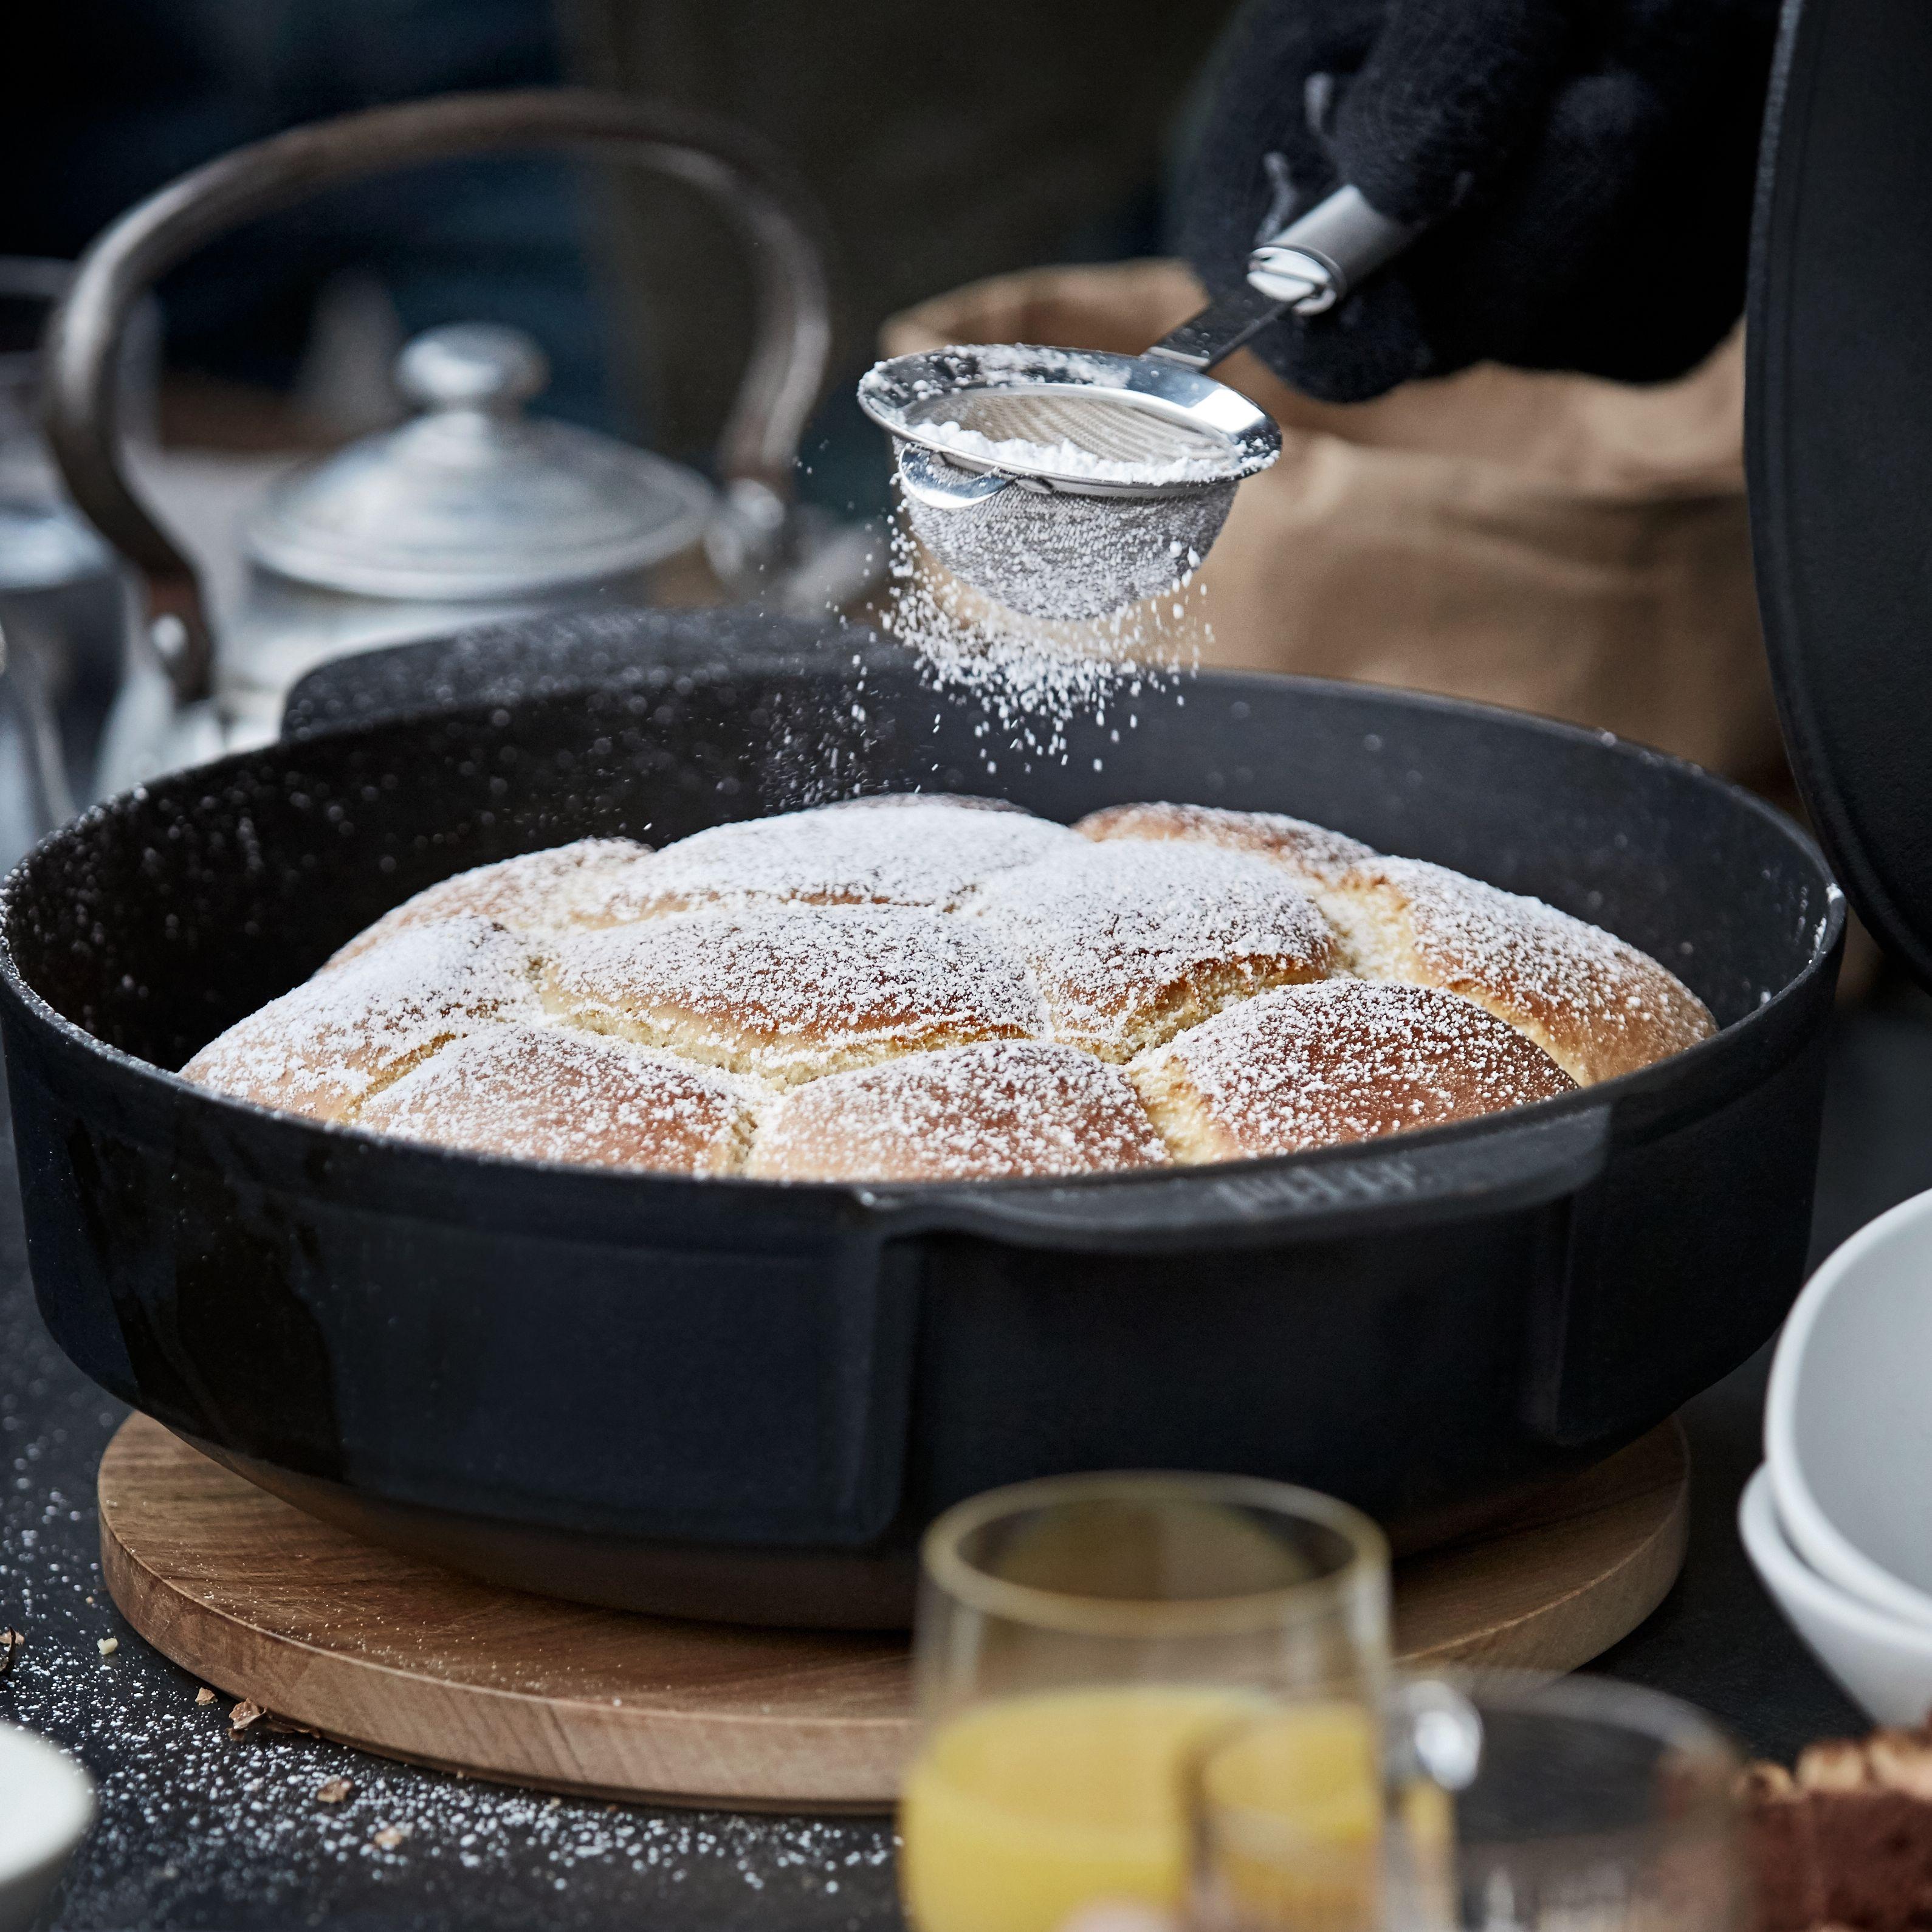 gourmet bbq system dutch oven weber grill original. Black Bedroom Furniture Sets. Home Design Ideas